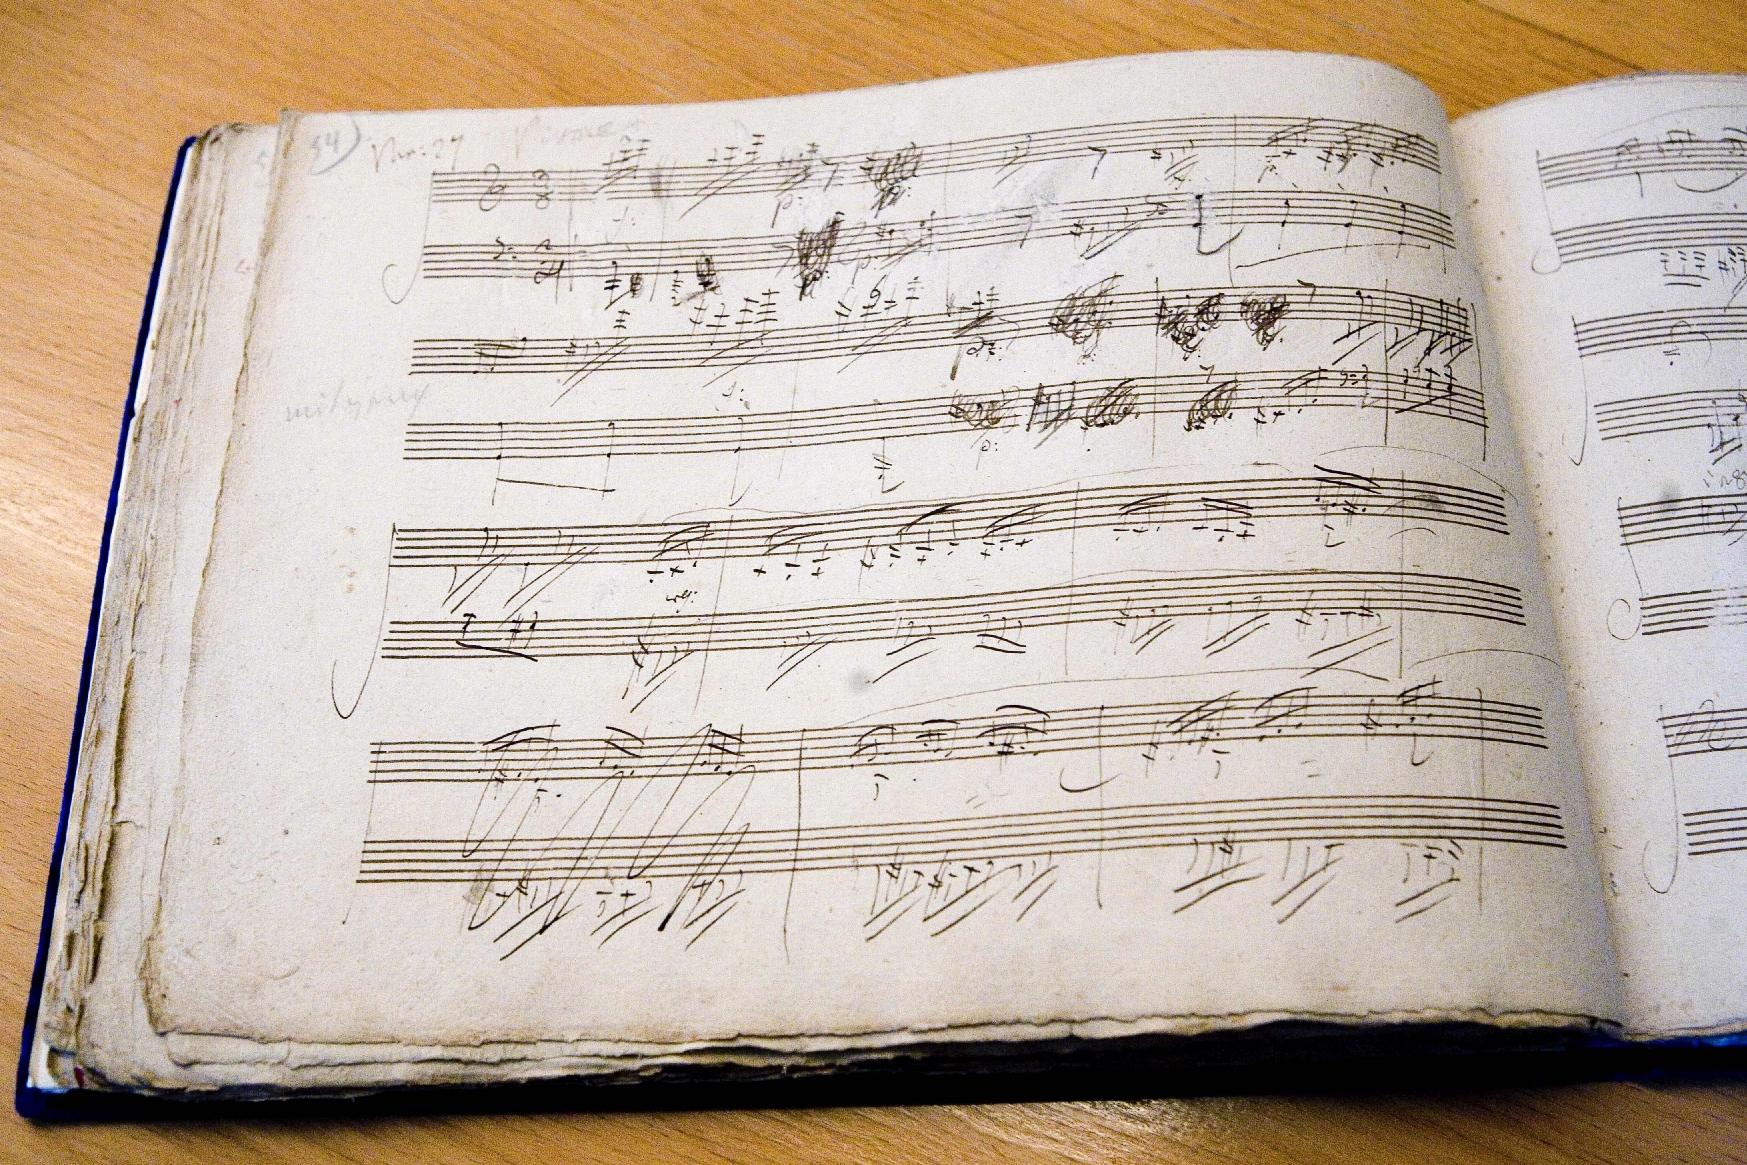 Die Diabelli-Variationen sind das letzte und größte Klavierwerk Ludwig van Beethovens. Die Original-Notenschriften konnte das Beethoven-Haus 2009 nach einer groß angelegten öffentlichen und privaten Spendenaktion erwerben.